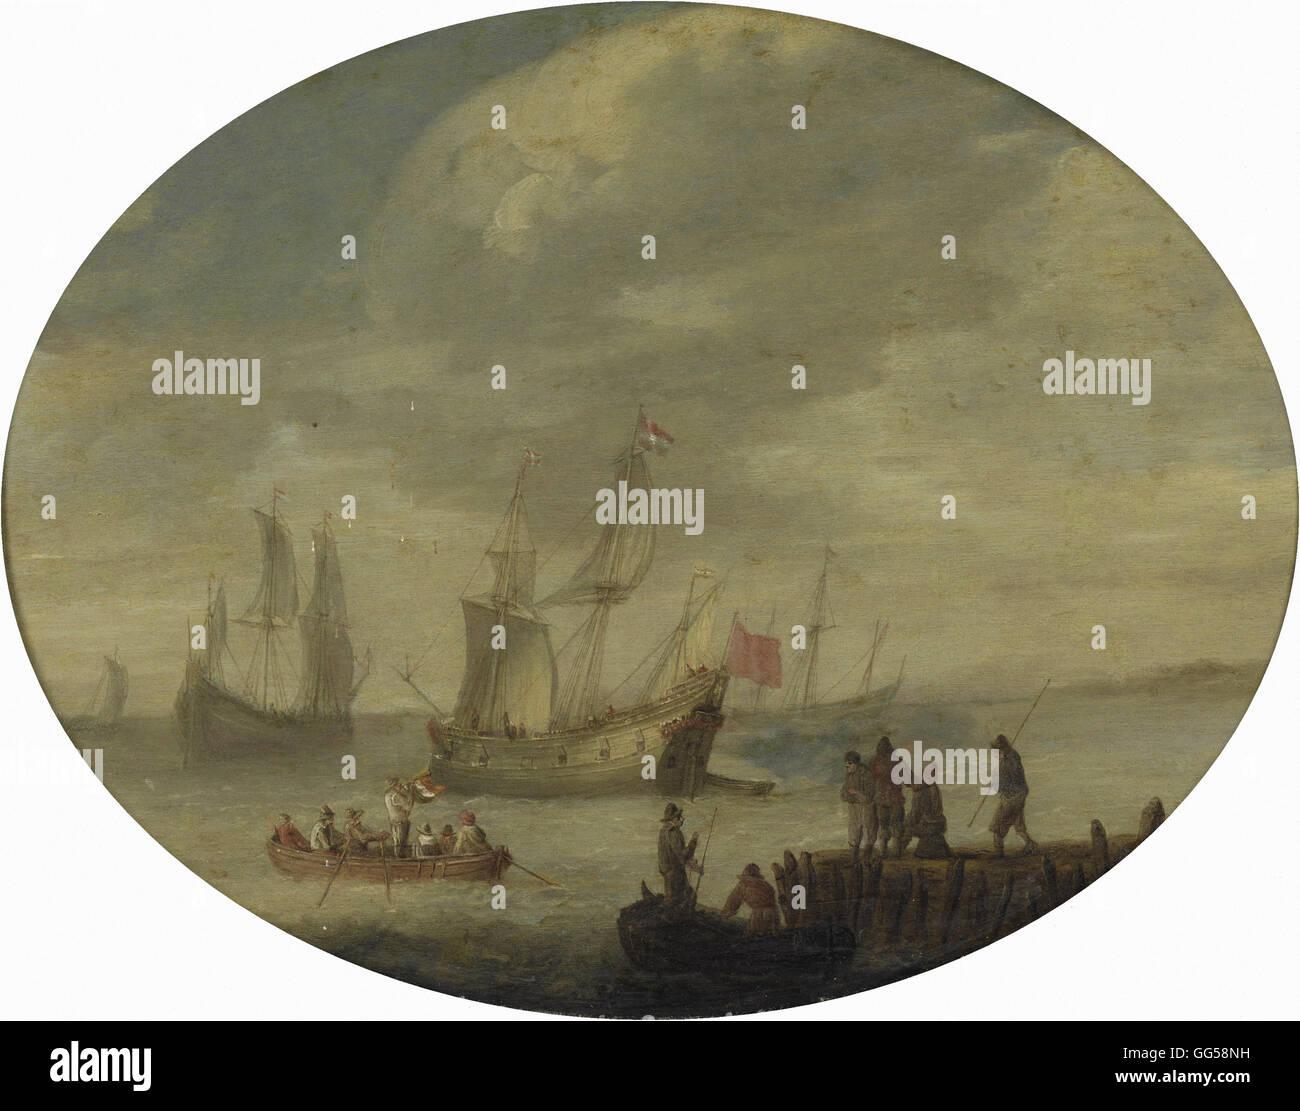 Abraham de Verwer - armados mercaderes frente a las costas holandesas preparando para zarpar Imagen De Stock